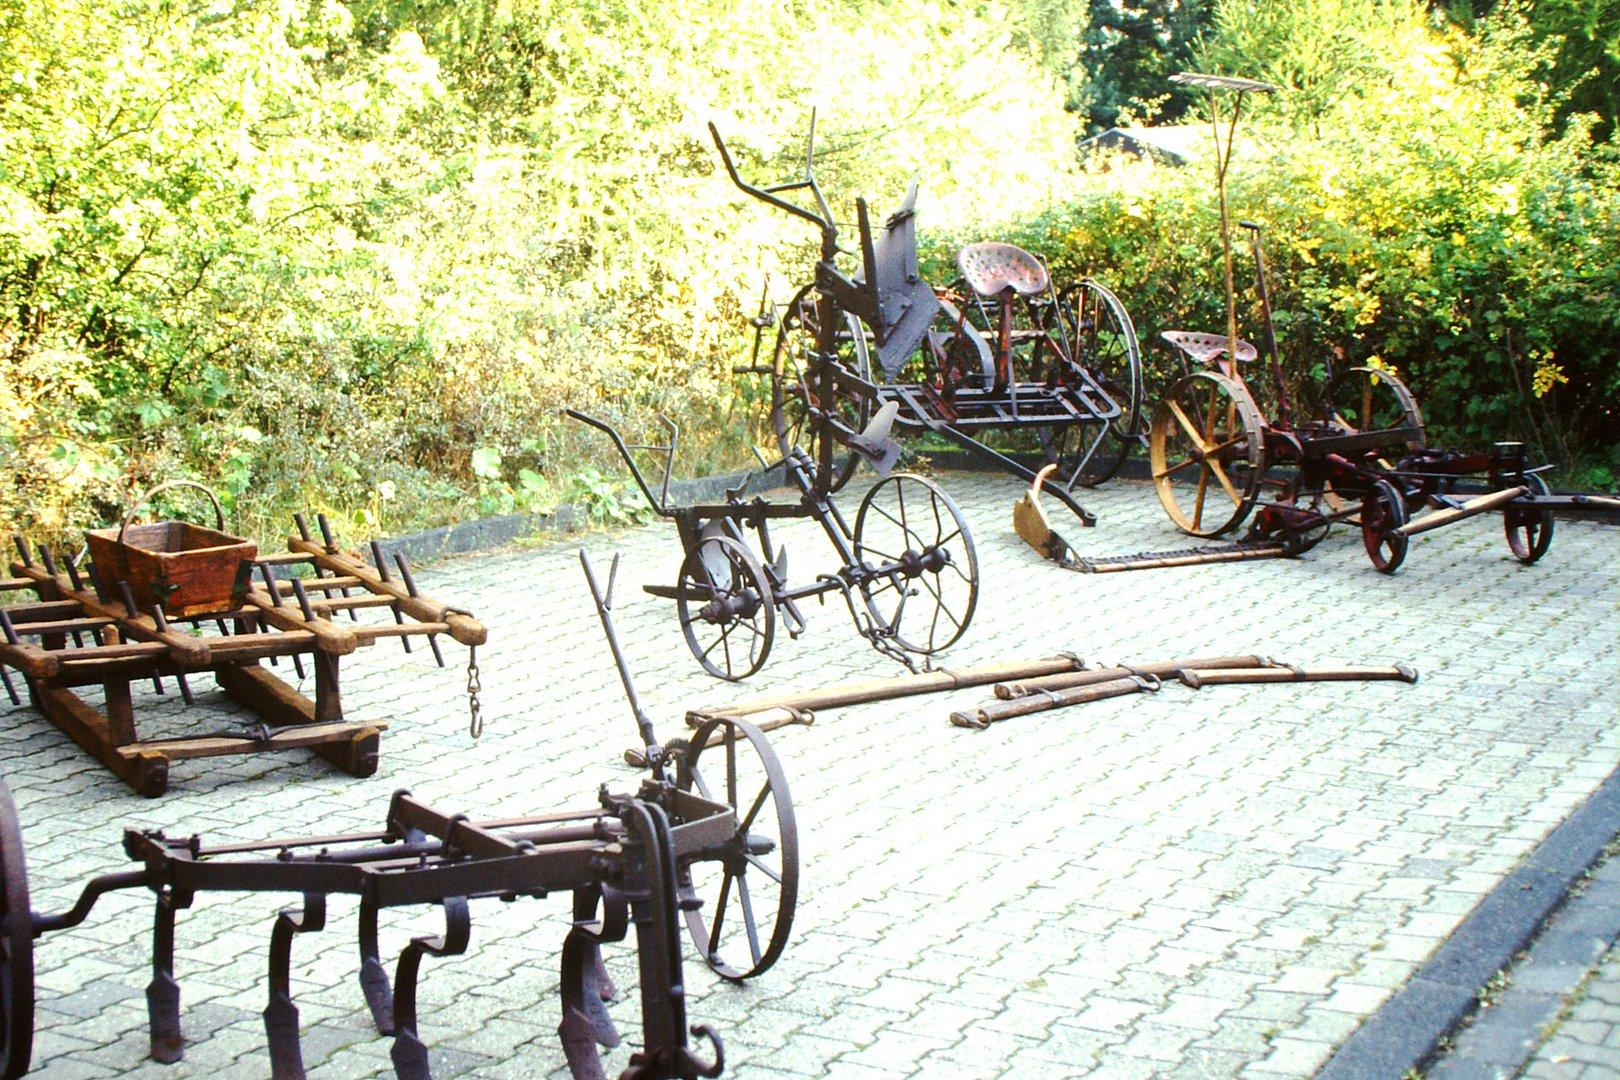 Landwirtschaftliche Geräte von früher